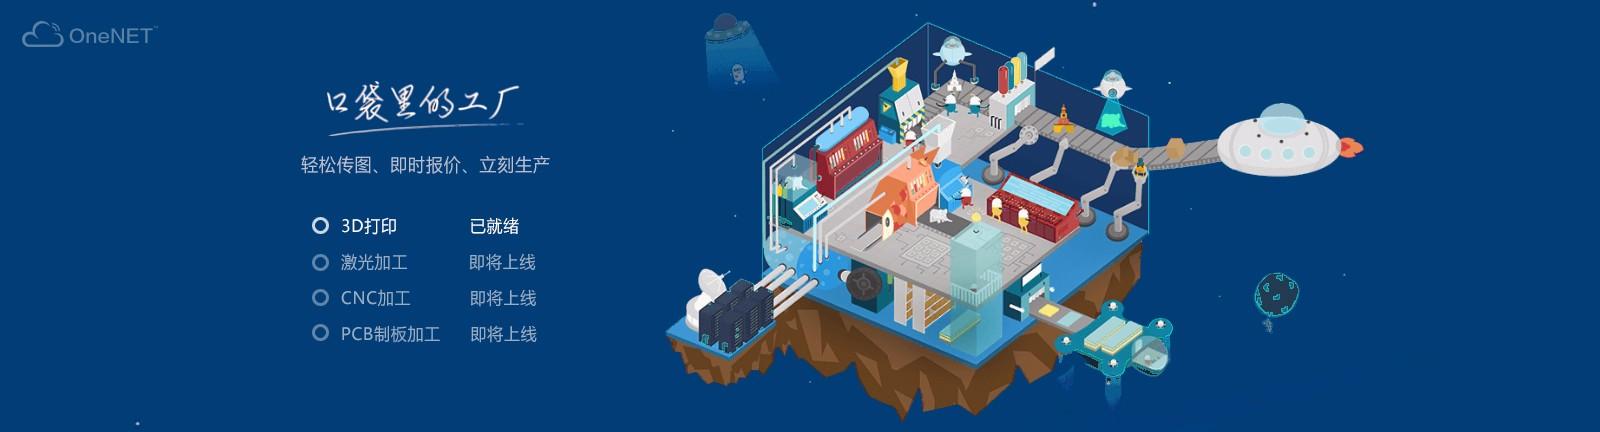 中移动物联网平台案例:基于OneNET的互联网制造云平台